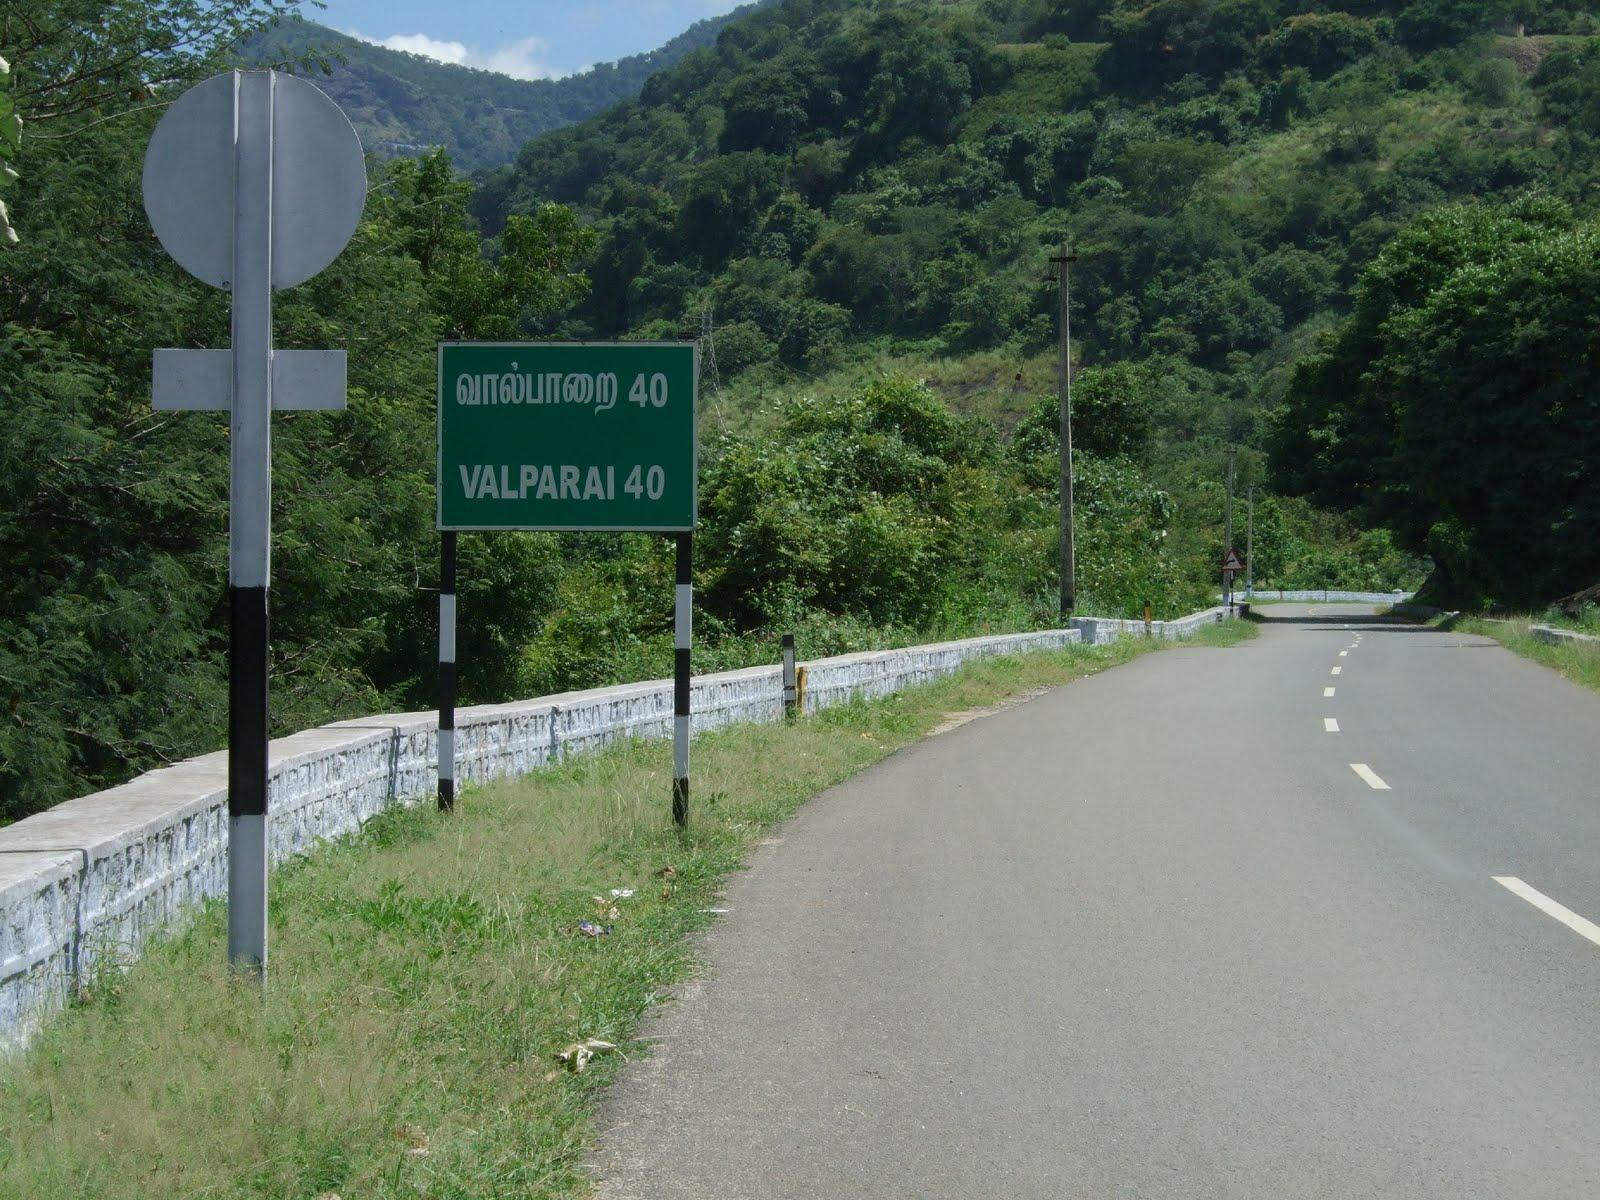 aliyar dam to valparai - photo #34